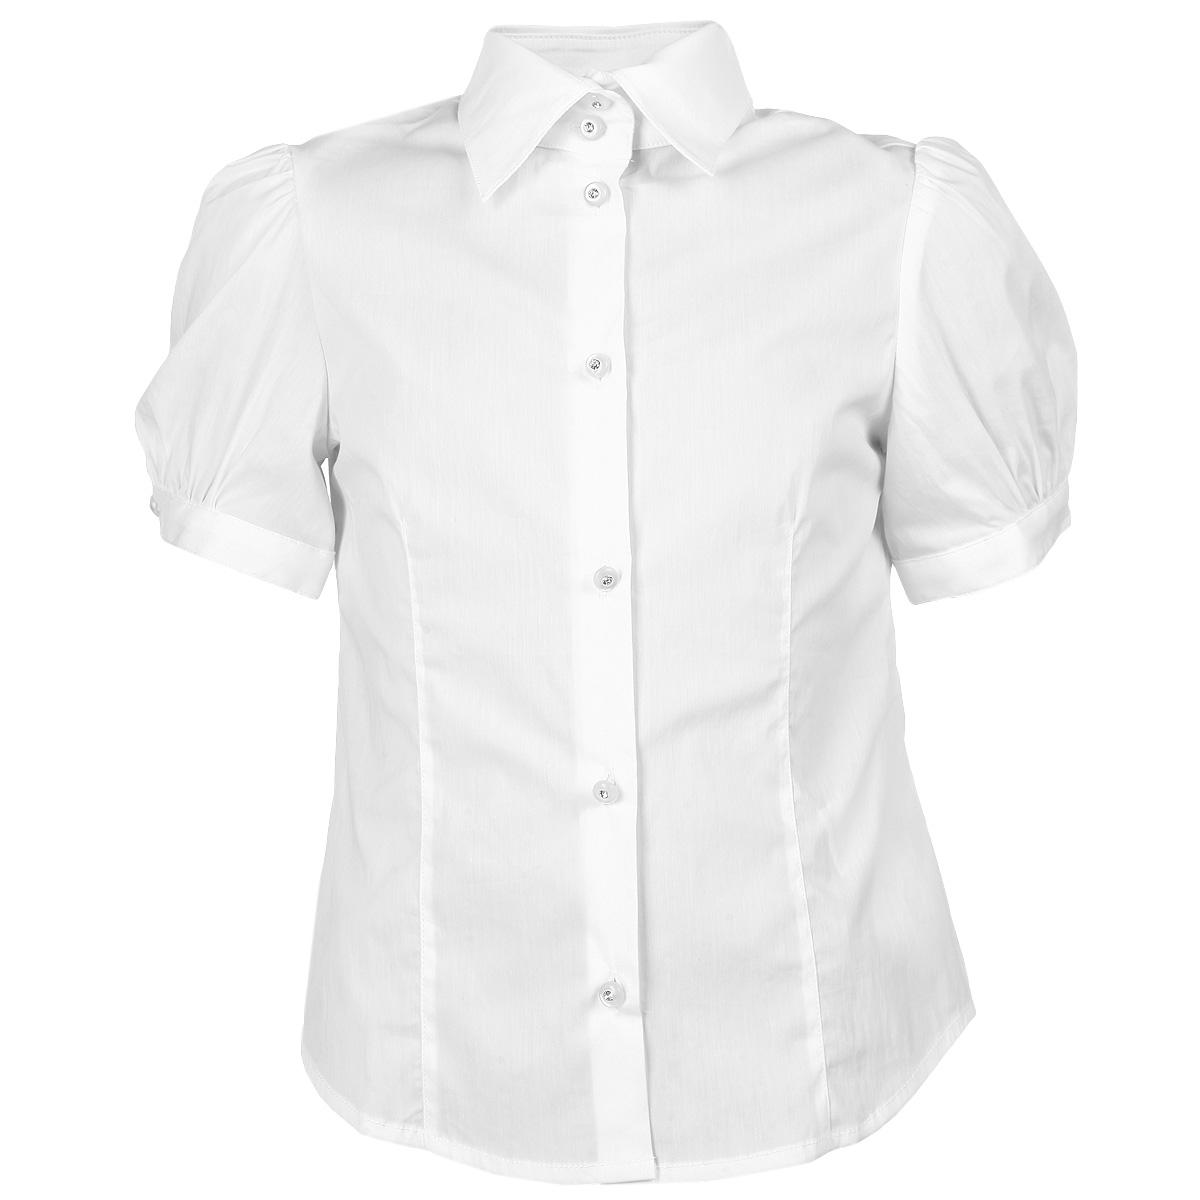 Блузка для девочки. SS-B-G-1504-044SS-B-G-1504-044Стильная блузка для девочки Silver Spoon идеально подойдет для школы. Изготовленная из высококачественного материала, она необычайно мягкая, легкая и приятная на ощупь, не сковывает движения и позволяет коже дышать, не раздражает даже самую нежную и чувствительную кожу ребенка, обеспечивая наибольший комфорт. Спандекс играет роль смягчающего волокна и гарантирует комфортную посадку блузки на фигуре. Модель трапециевидного кроя с короткими рукавами-фонариками и отложным воротничком застегивается спереди на оригинальные пуговицы. Низ рукавов застегивается на пуговицы. Такая блузка - незаменимая вещь для школьной формы, отлично сочетается с юбками, брюками и сарафанами.